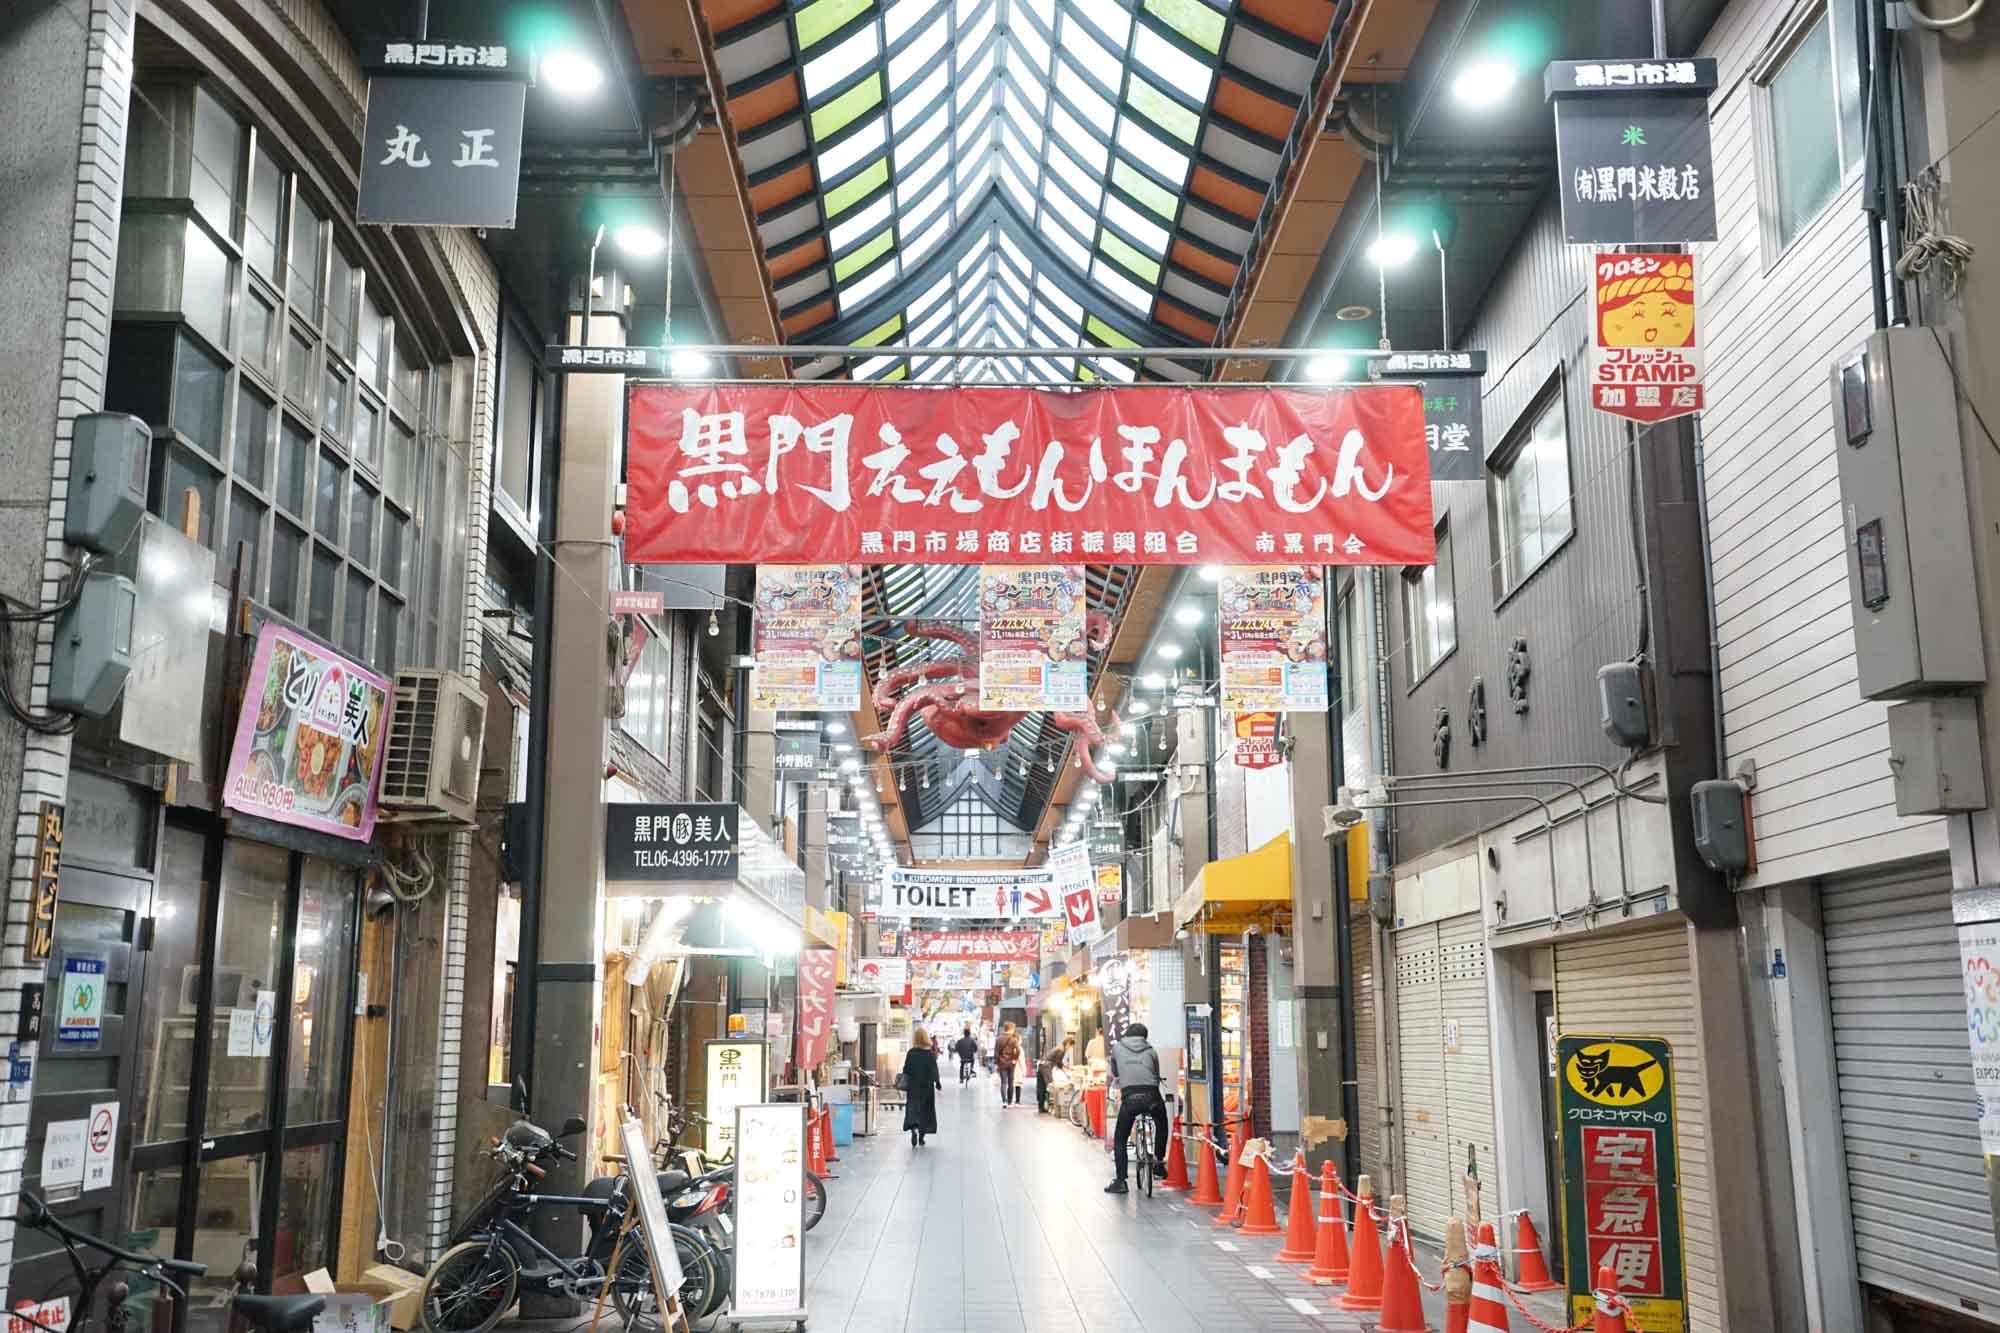 また、ホテルのすぐ近くにはプロの料理人も通う難波の台所「黒門市場」があり、飲食店も多いです。